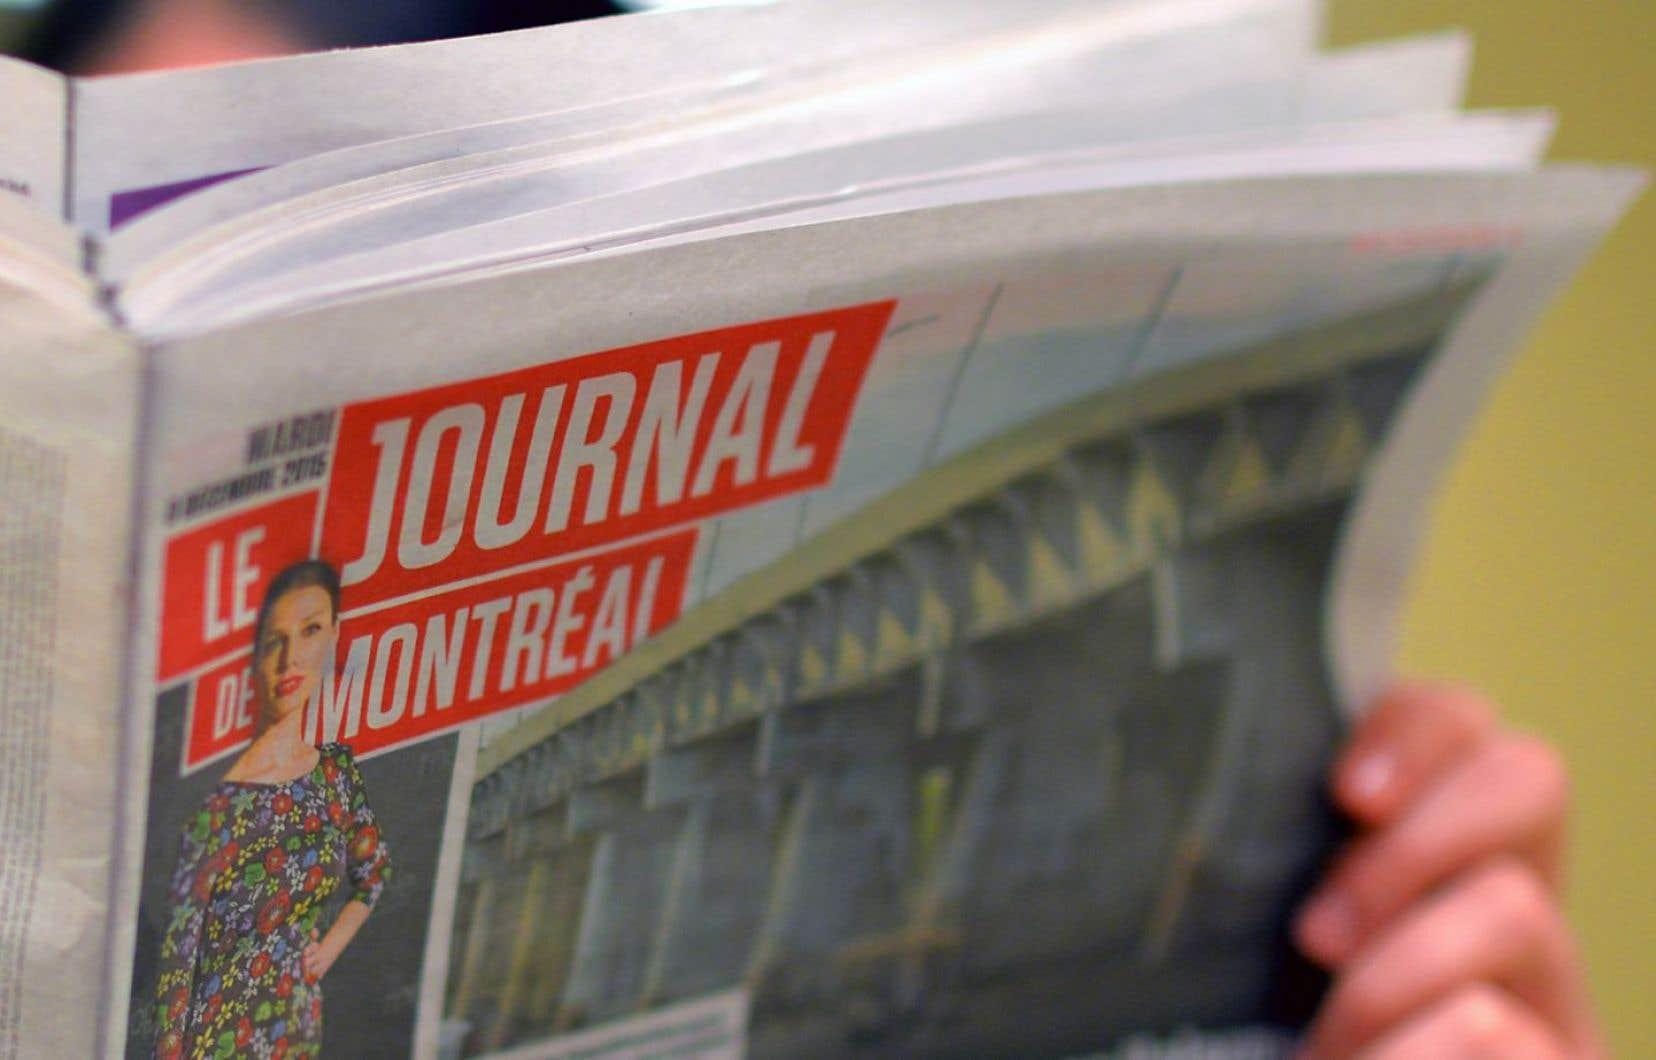 Le directeur de l'information du Journal de Montréal, George Kalogerakis, affirme catégoriquement que le reporter judiciaire n'a posé aucun geste illégal pour obtenir ses informations.